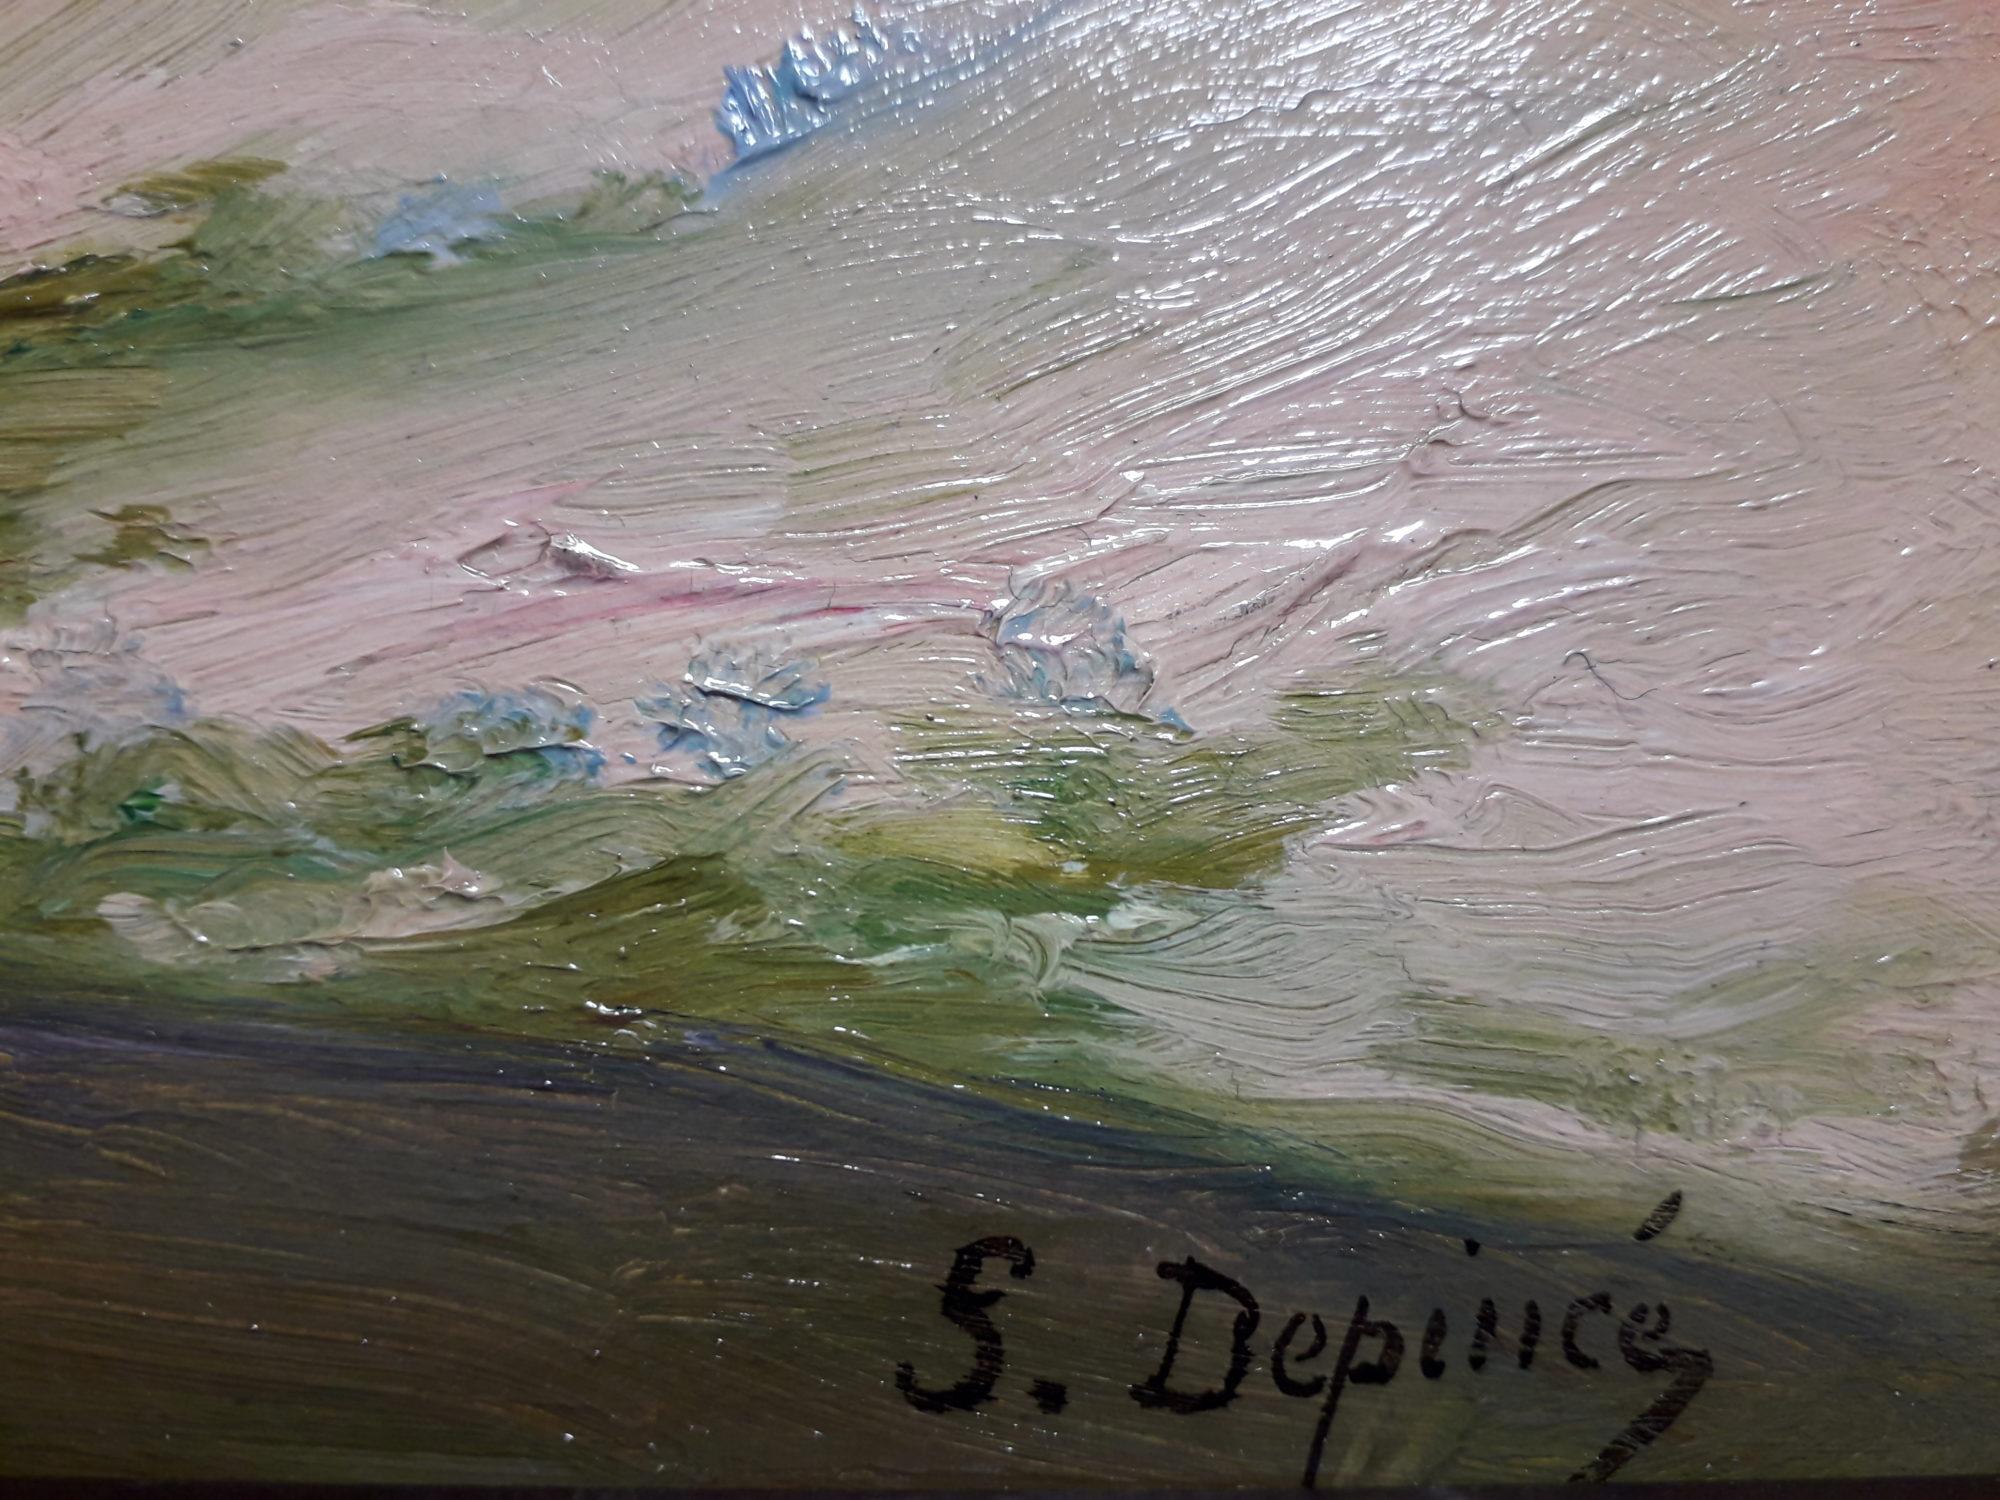 depince suzanne dune du pouldu vaches signature